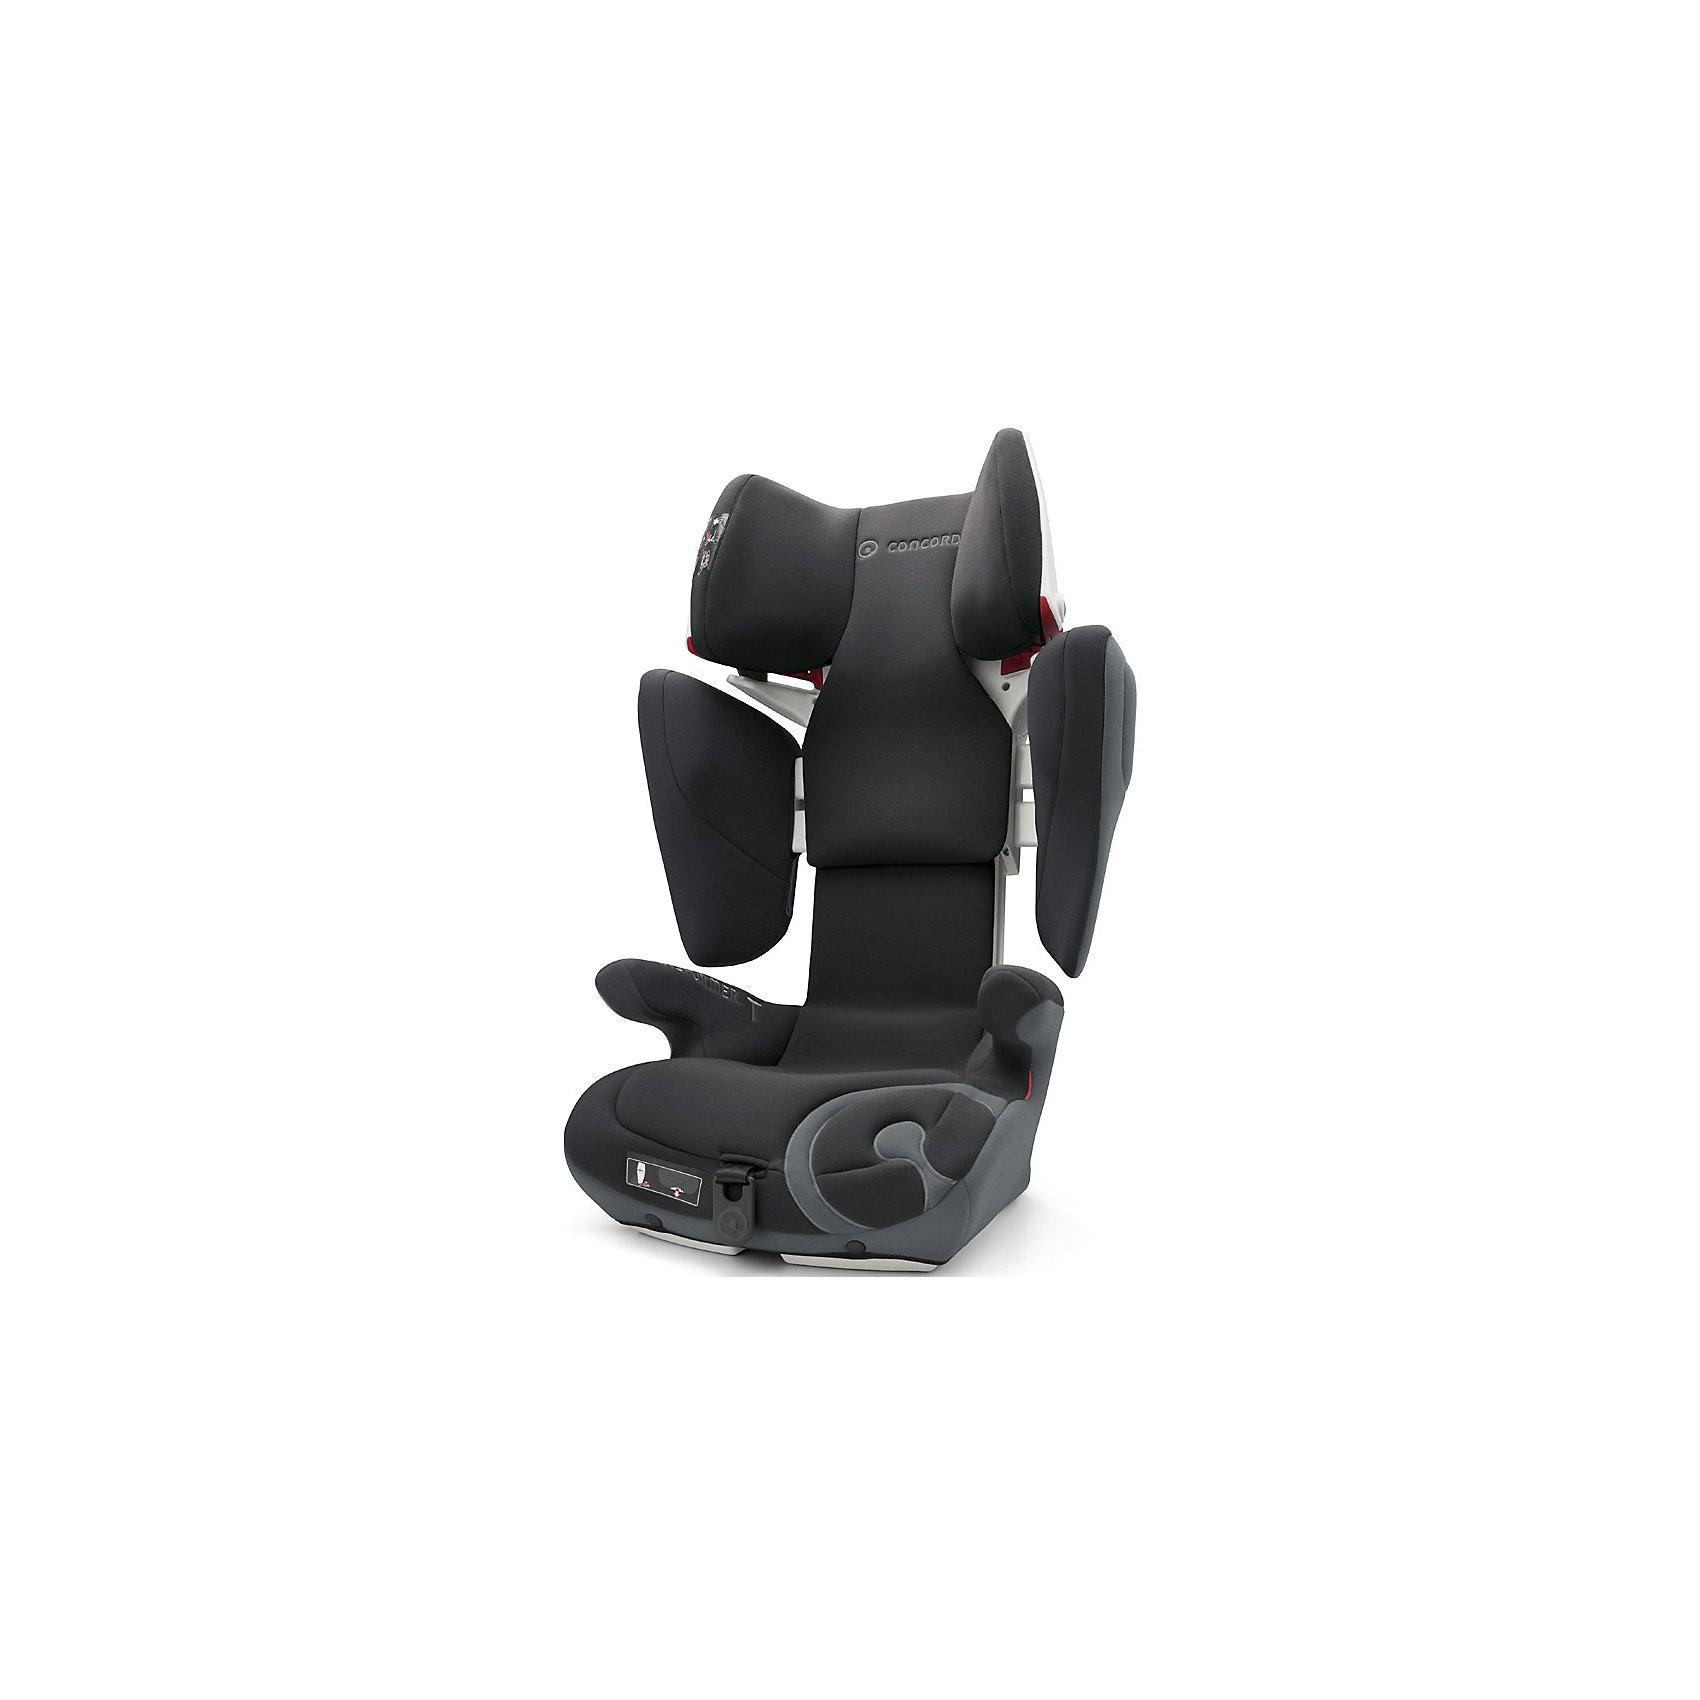 Автокресло Transformer T, 15-36 кг., Concord, Raven BlackБезопасное, комфортное автомобильное кресло Transformer T, Concord отличается современным дизайном, прочной подуманной конструкцией и системой регулировок. Компактная форма ракушки, объемные боковины, защитный корпус с двойными стенками обеспечивают исключительную безопасность и оптимальную защиту в случае бокового удара. Мягкие большие подлокотники, мягкое сидение, дополнительная смягчающая сиденье вставка идеально подходят для комфортного путешествия. За счёт использования пневмо-механизма увеличить высоту подголовника (20 положений)  и расширить боковины можно нажатием на одну кнопку. Автокресло крепится в автомобиле с помощью штатного ремня безопасности автомобиля к скобам Isofix автомобиля. Красные направляющие позволят правильно расположить ремни. Направляющие автомобильного ремня в подголовнике пропускают ремень только в одну сторону, исключая его самопроизвольное выпадение. В автокреслах Transformer T, Concord использована концепция TRIZONE, за счет которой сочетаются разные типы тканей обивки. В нижней части кресла используются износостойкие материалы, в средней части используются материалы большой пропускной способности, для обеспечения хорошей вентиляции, в местах соприкосновения с кожей ребенка используется мягкая и деликатная ткань. Обивка из высококачественных материалов, легко снимается и стирается в режиме деликатной стирки при температуре 30 градусах.<br><br>Дополнительная информация:<br><br>- Группа 2-3 от 3 до 12 лет (15-36 кг)<br>- Размер в минимальной позиции: 46 х 49 х 62 см.<br>- Размер в максимальной позиции: 46 х 55 х 82 см.<br>- Вес: 7,7 кг.<br>- Направление установки: по ходу движения автомобиля<br>- Соответствует стандарту ECE R 44/04<br>- Автокресло Transformer T Concord по результатам испытаний Eurotest, проводимых Stiftung Warentest, а также организациями ?AMTC и ADAC (ведущие организации, проверяющие надежность и качество детских автомобильных кресел) является победителем в свое